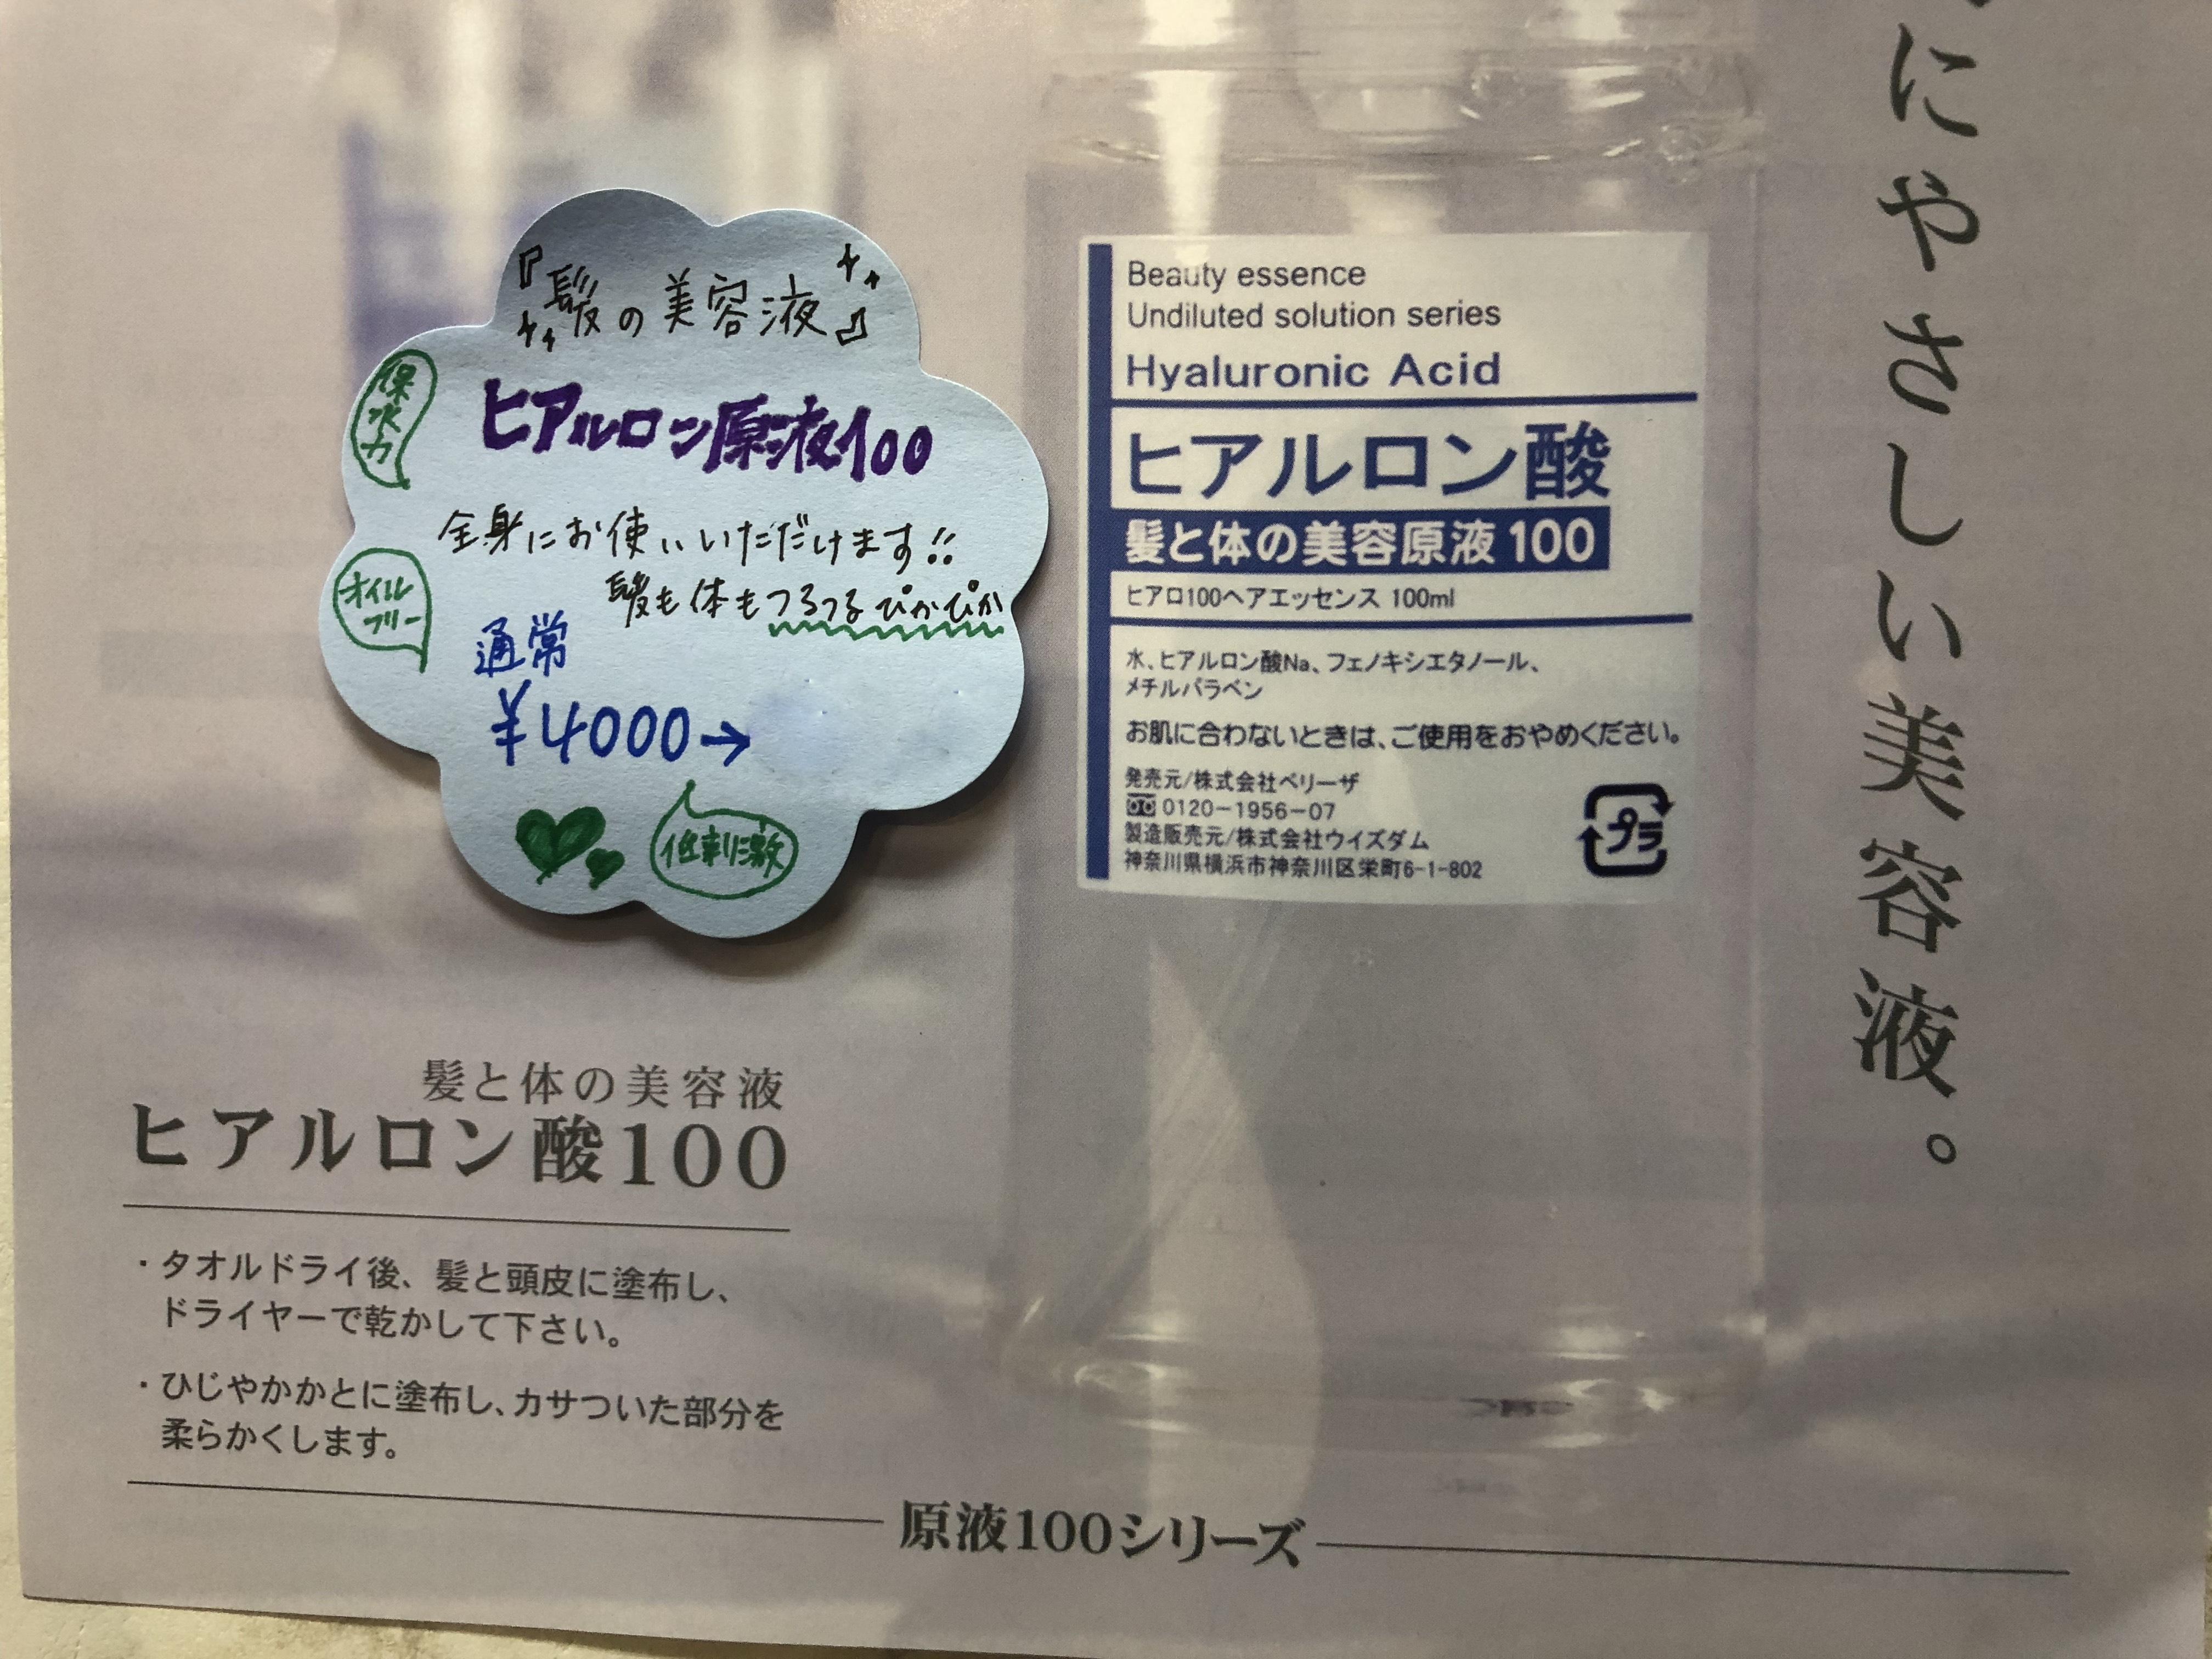 髪の美容液「ヒアルロン原液100」もお得な価格で販売中です!